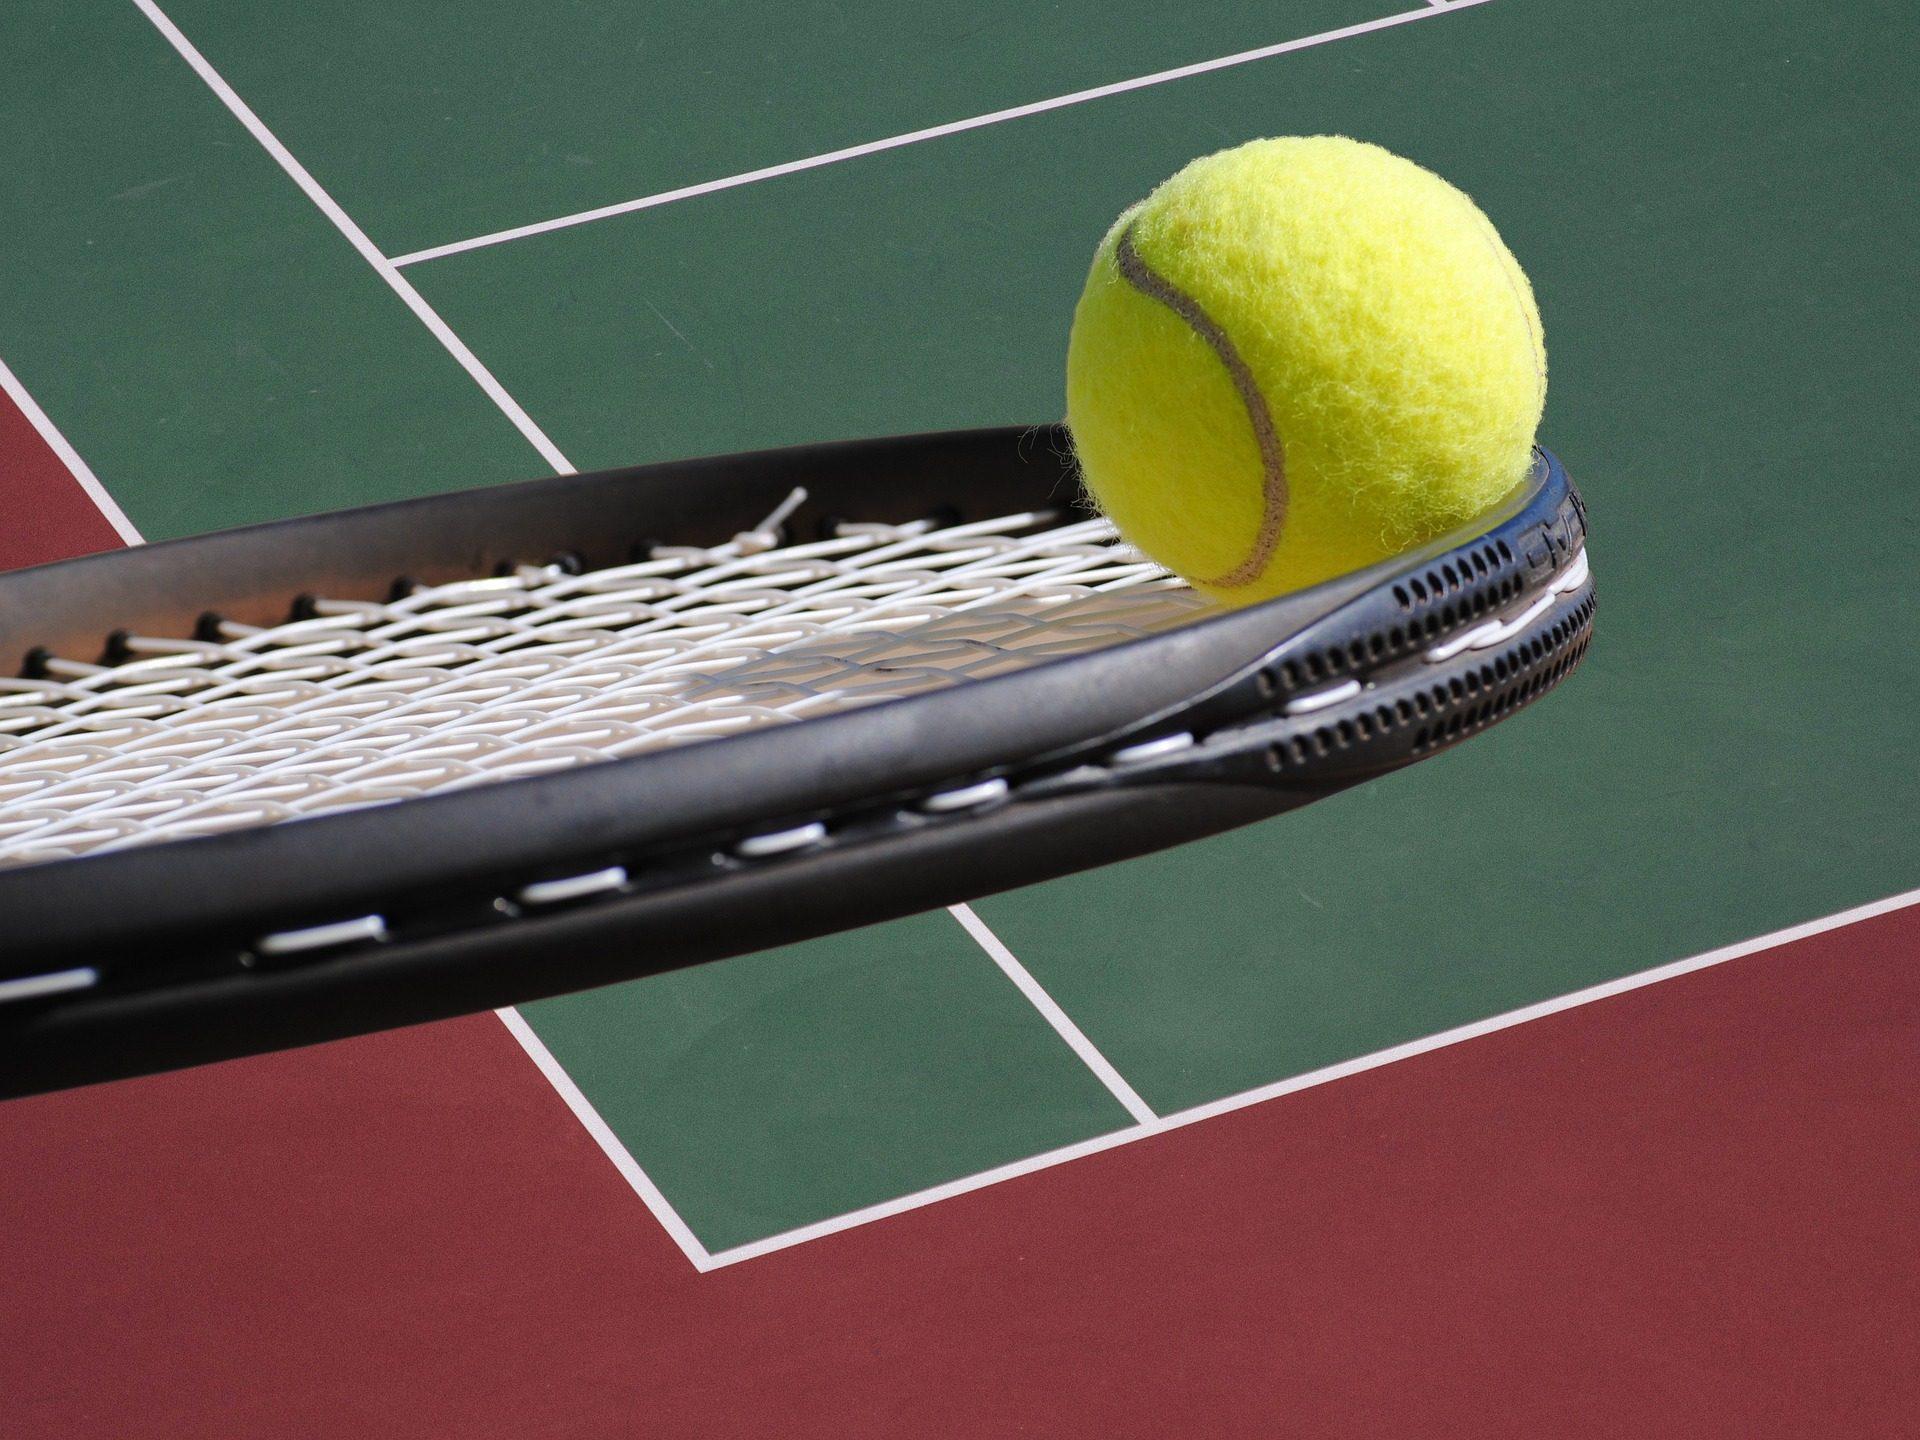 racchetta, Campo da tennis, palla, Corte, campo, stringhe - Sfondi HD - Professor-falken.com